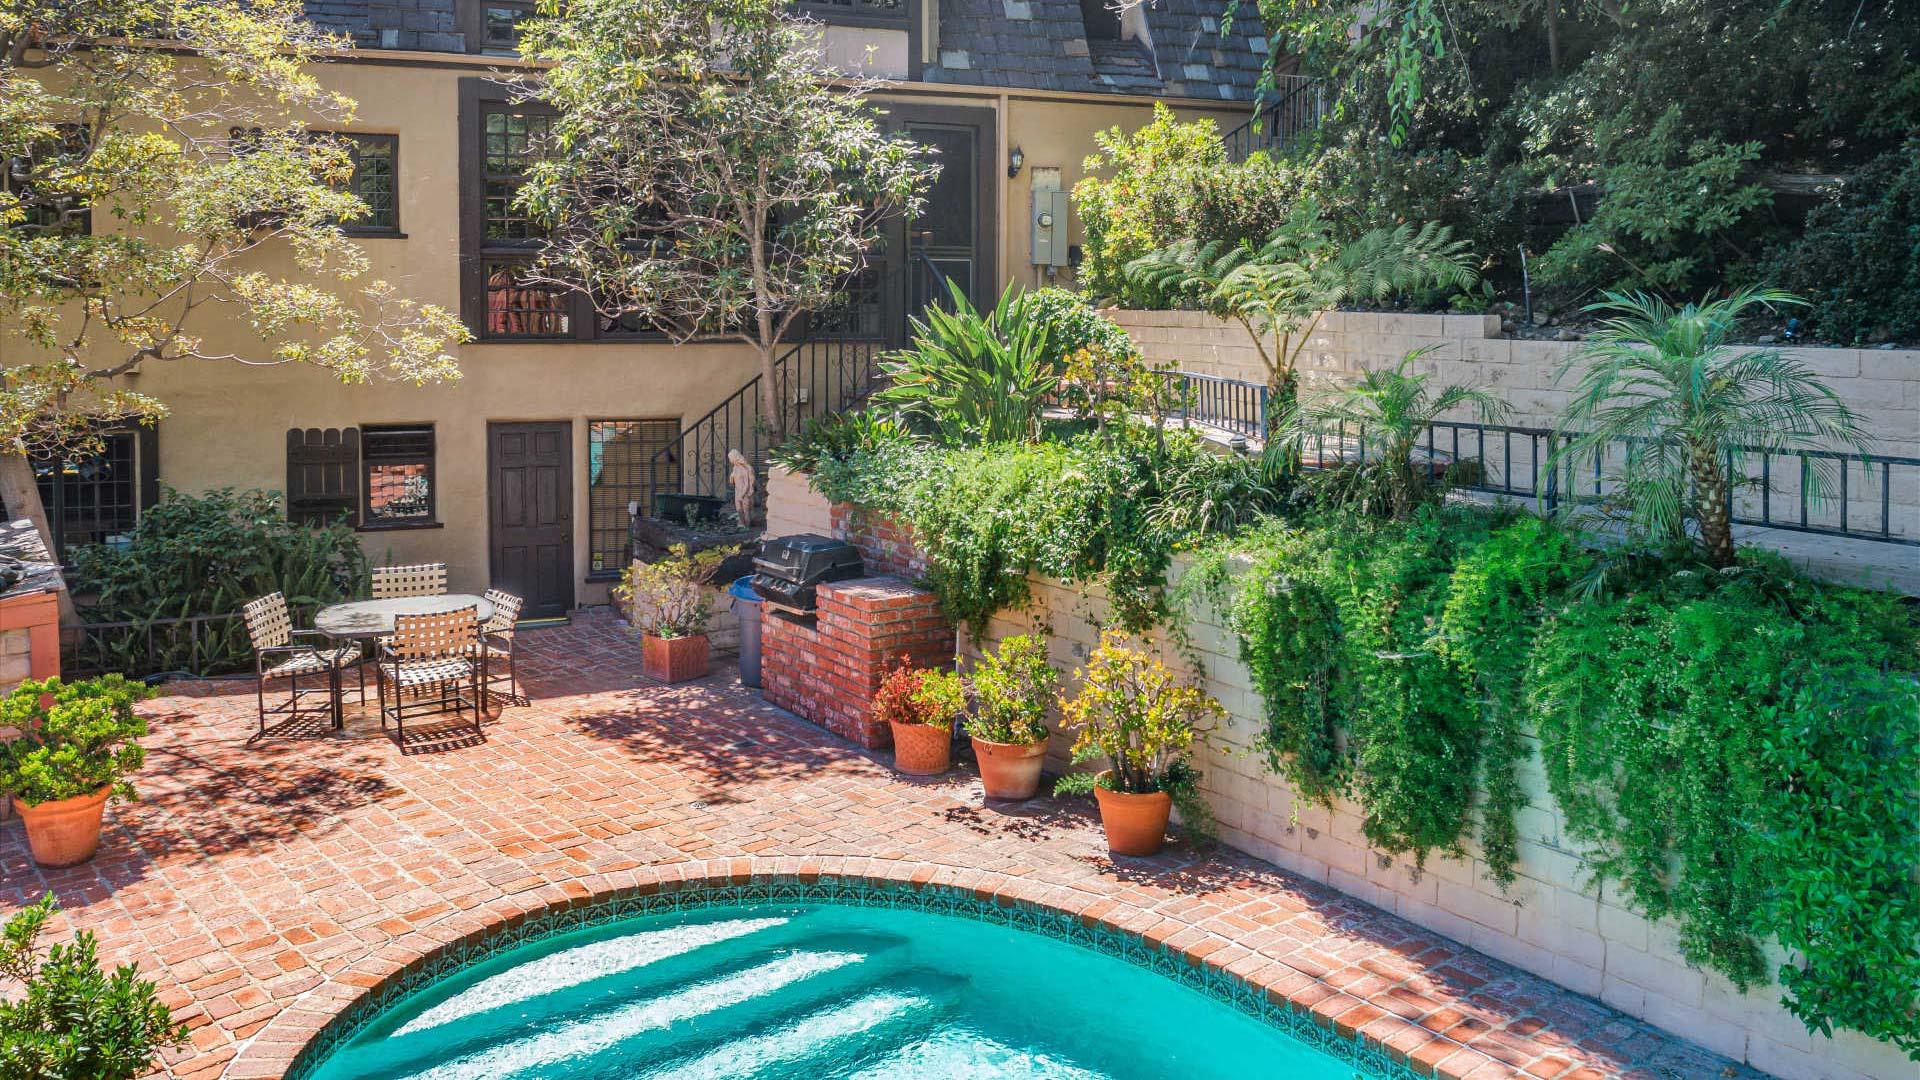 Beverly Hills, CA 90210 – 1423 Schuyler – $3,995,000